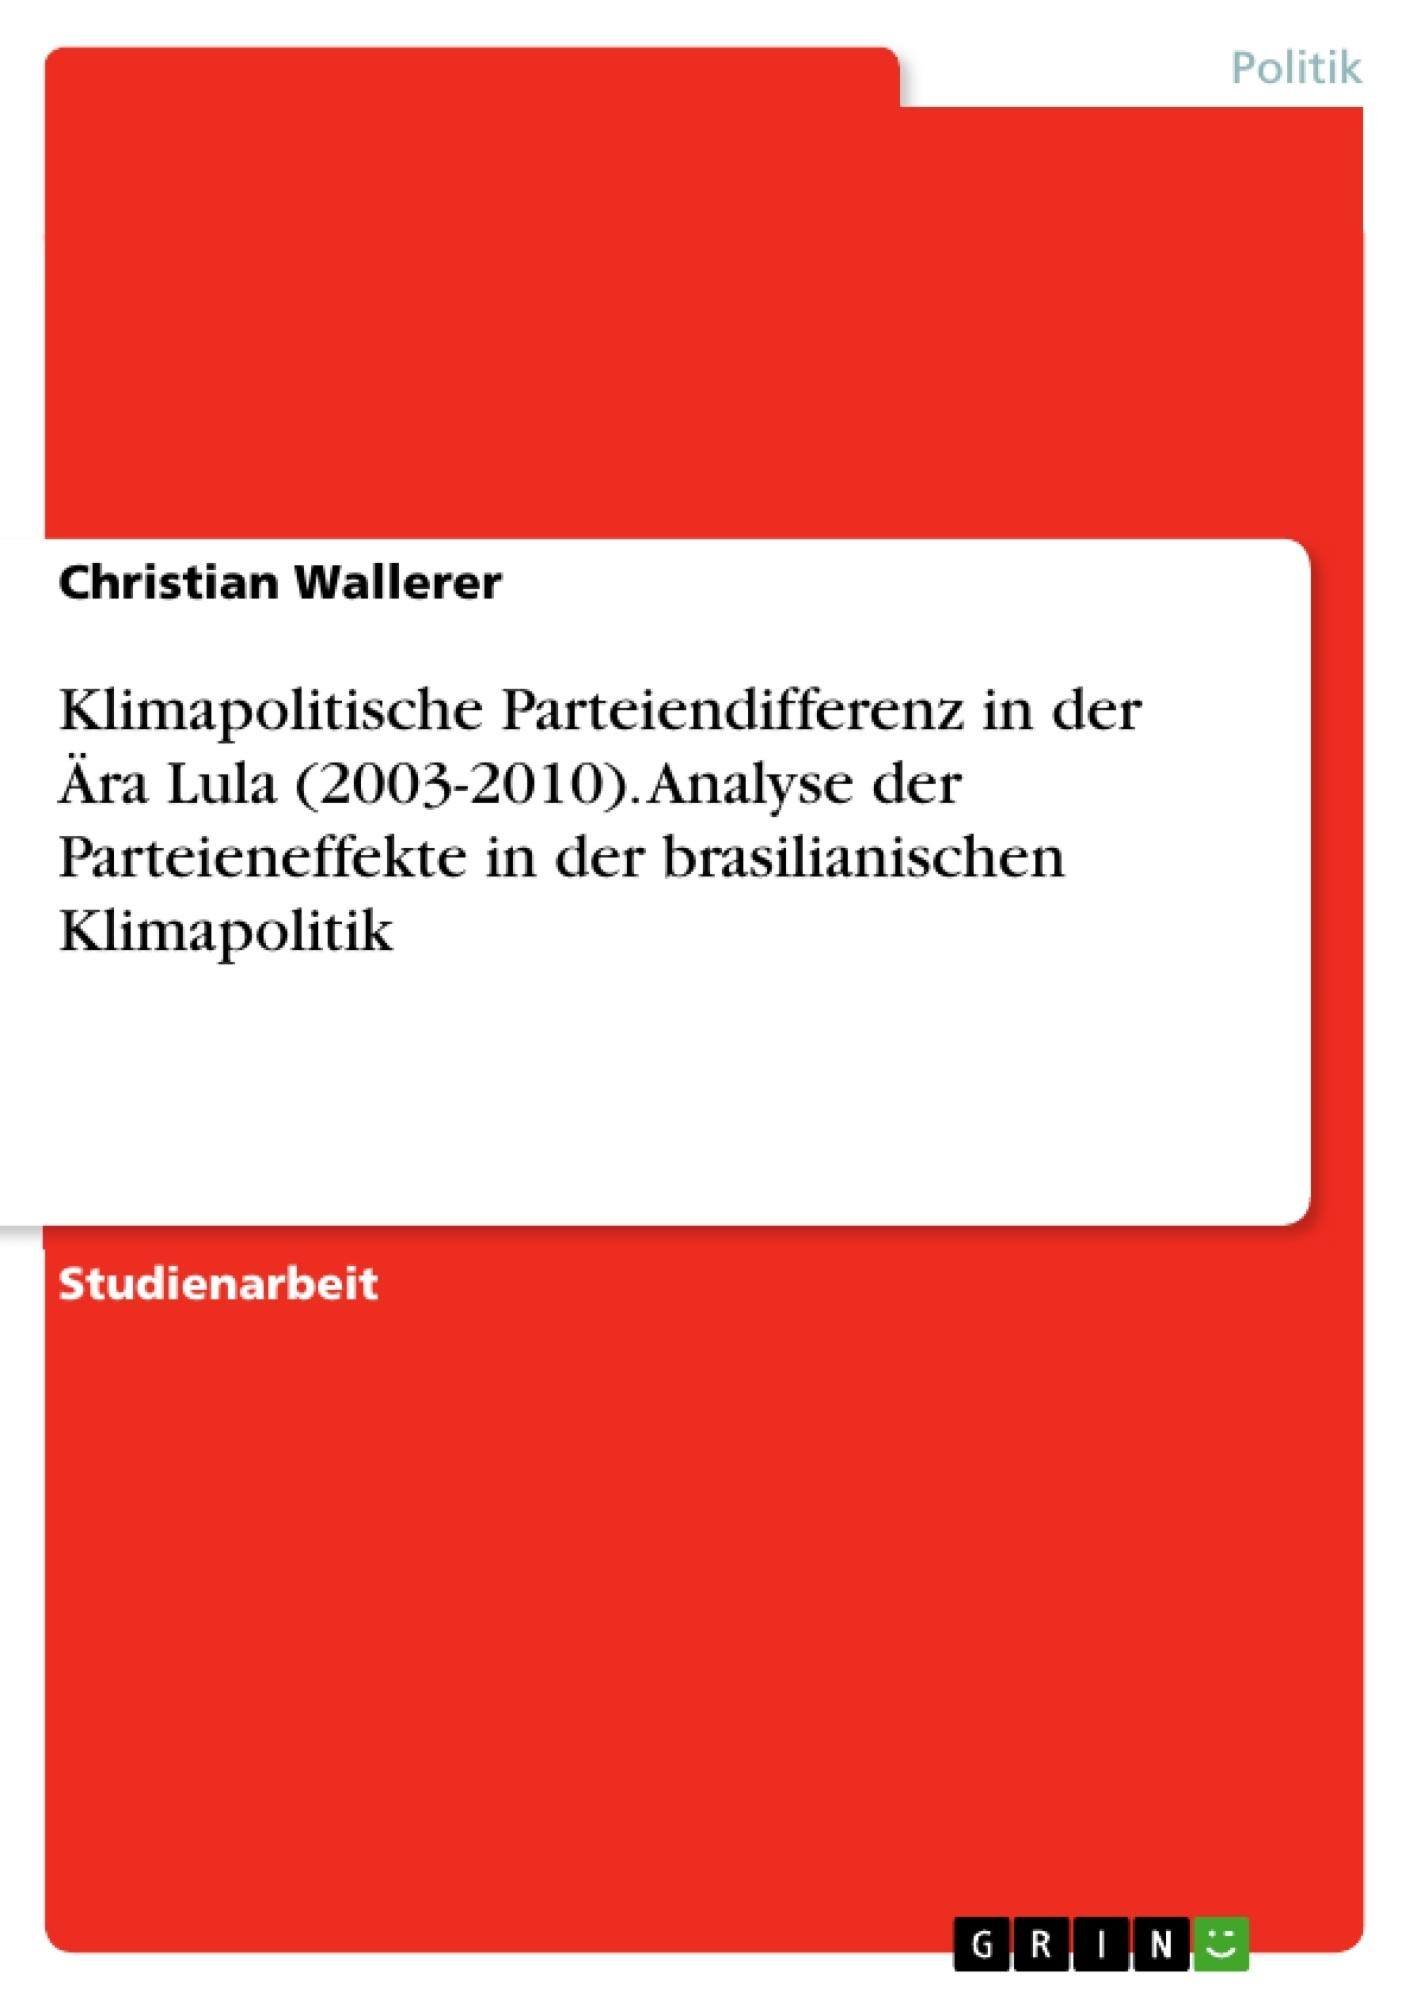 Titel: Klimapolitische Parteiendifferenz in der Ära Lula (2003-2010). Analyse der Parteieneffekte in der brasilianischen Klimapolitik